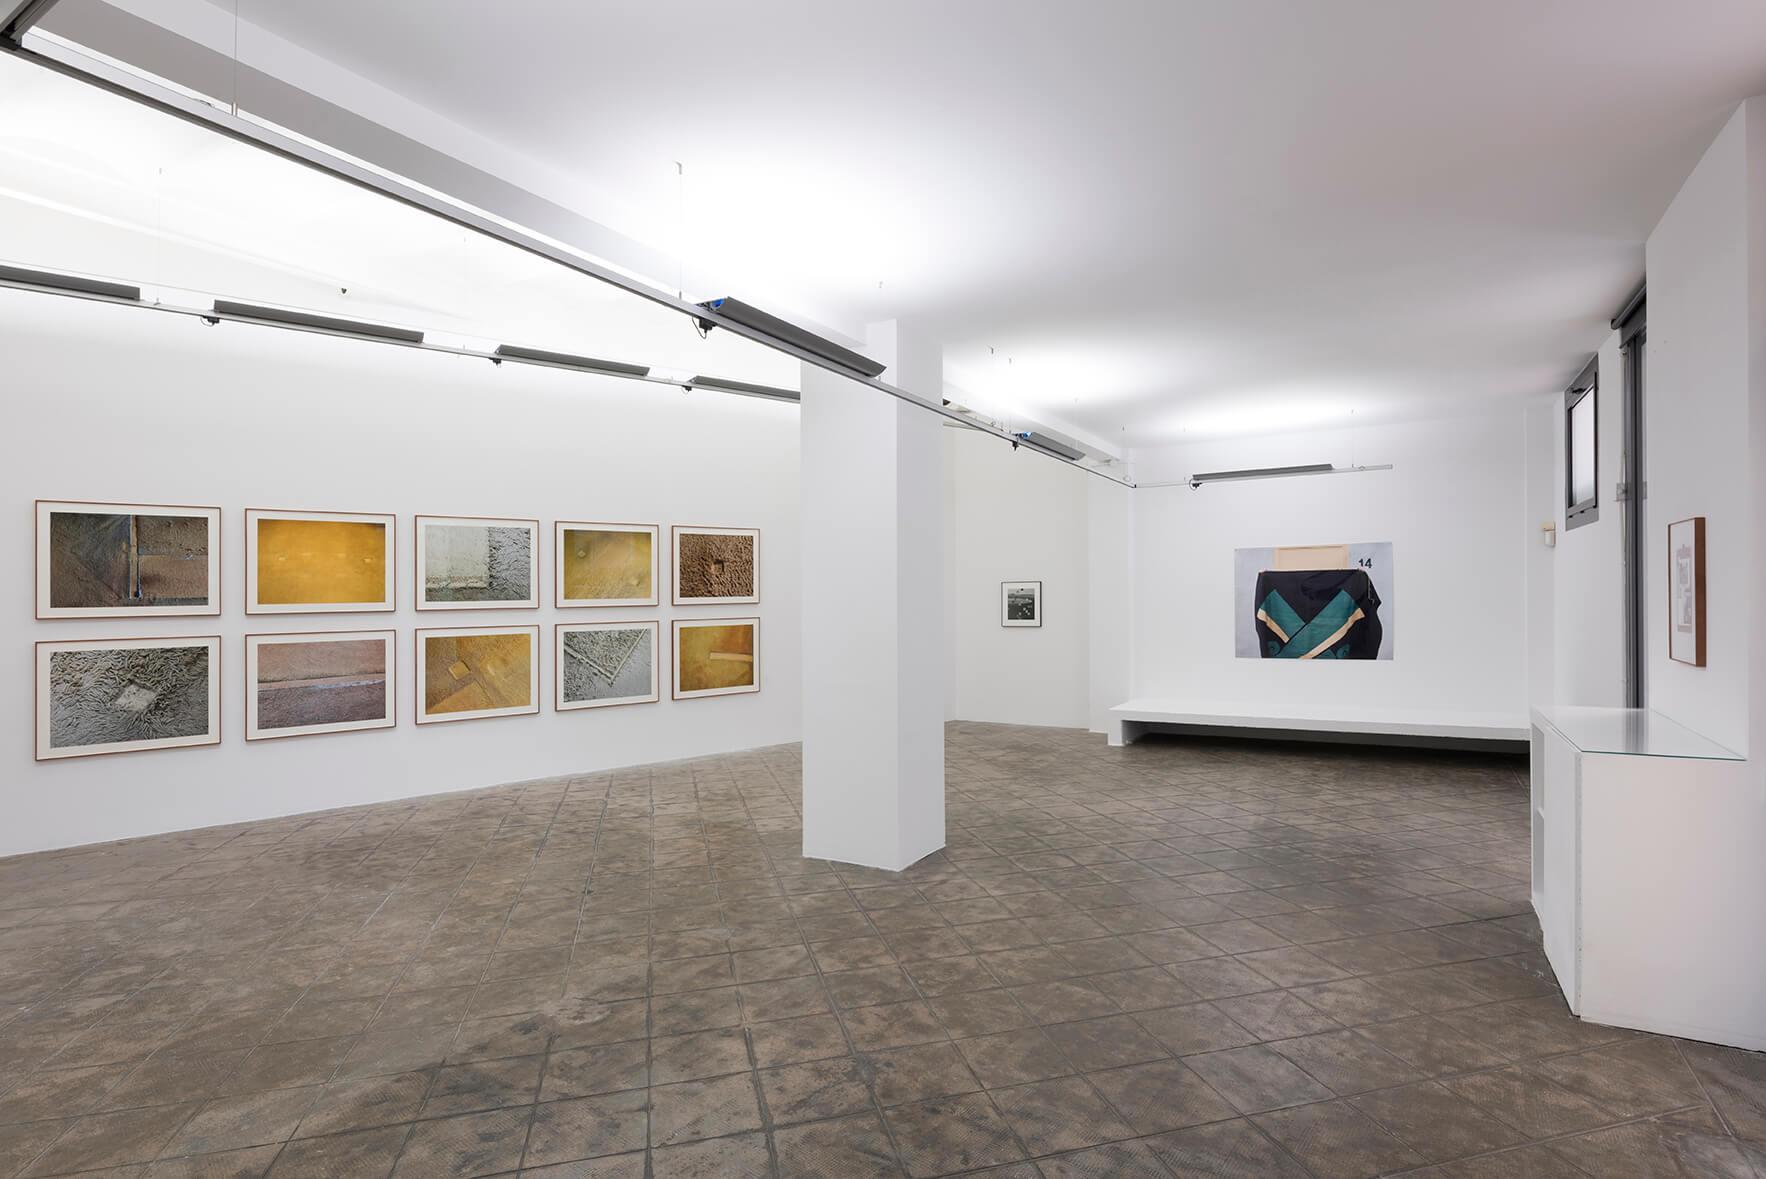 Installation view: El triunfo de la vida solitaria, ProjecteSD | El Triunfo de la Vida Solitaria | ProjecteSD